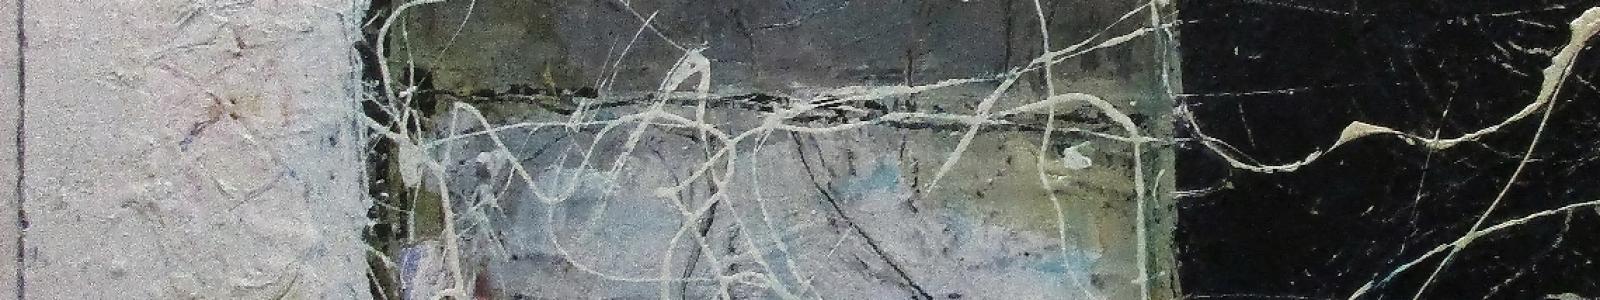 Gallery Painter Vyacheslav Kulikov